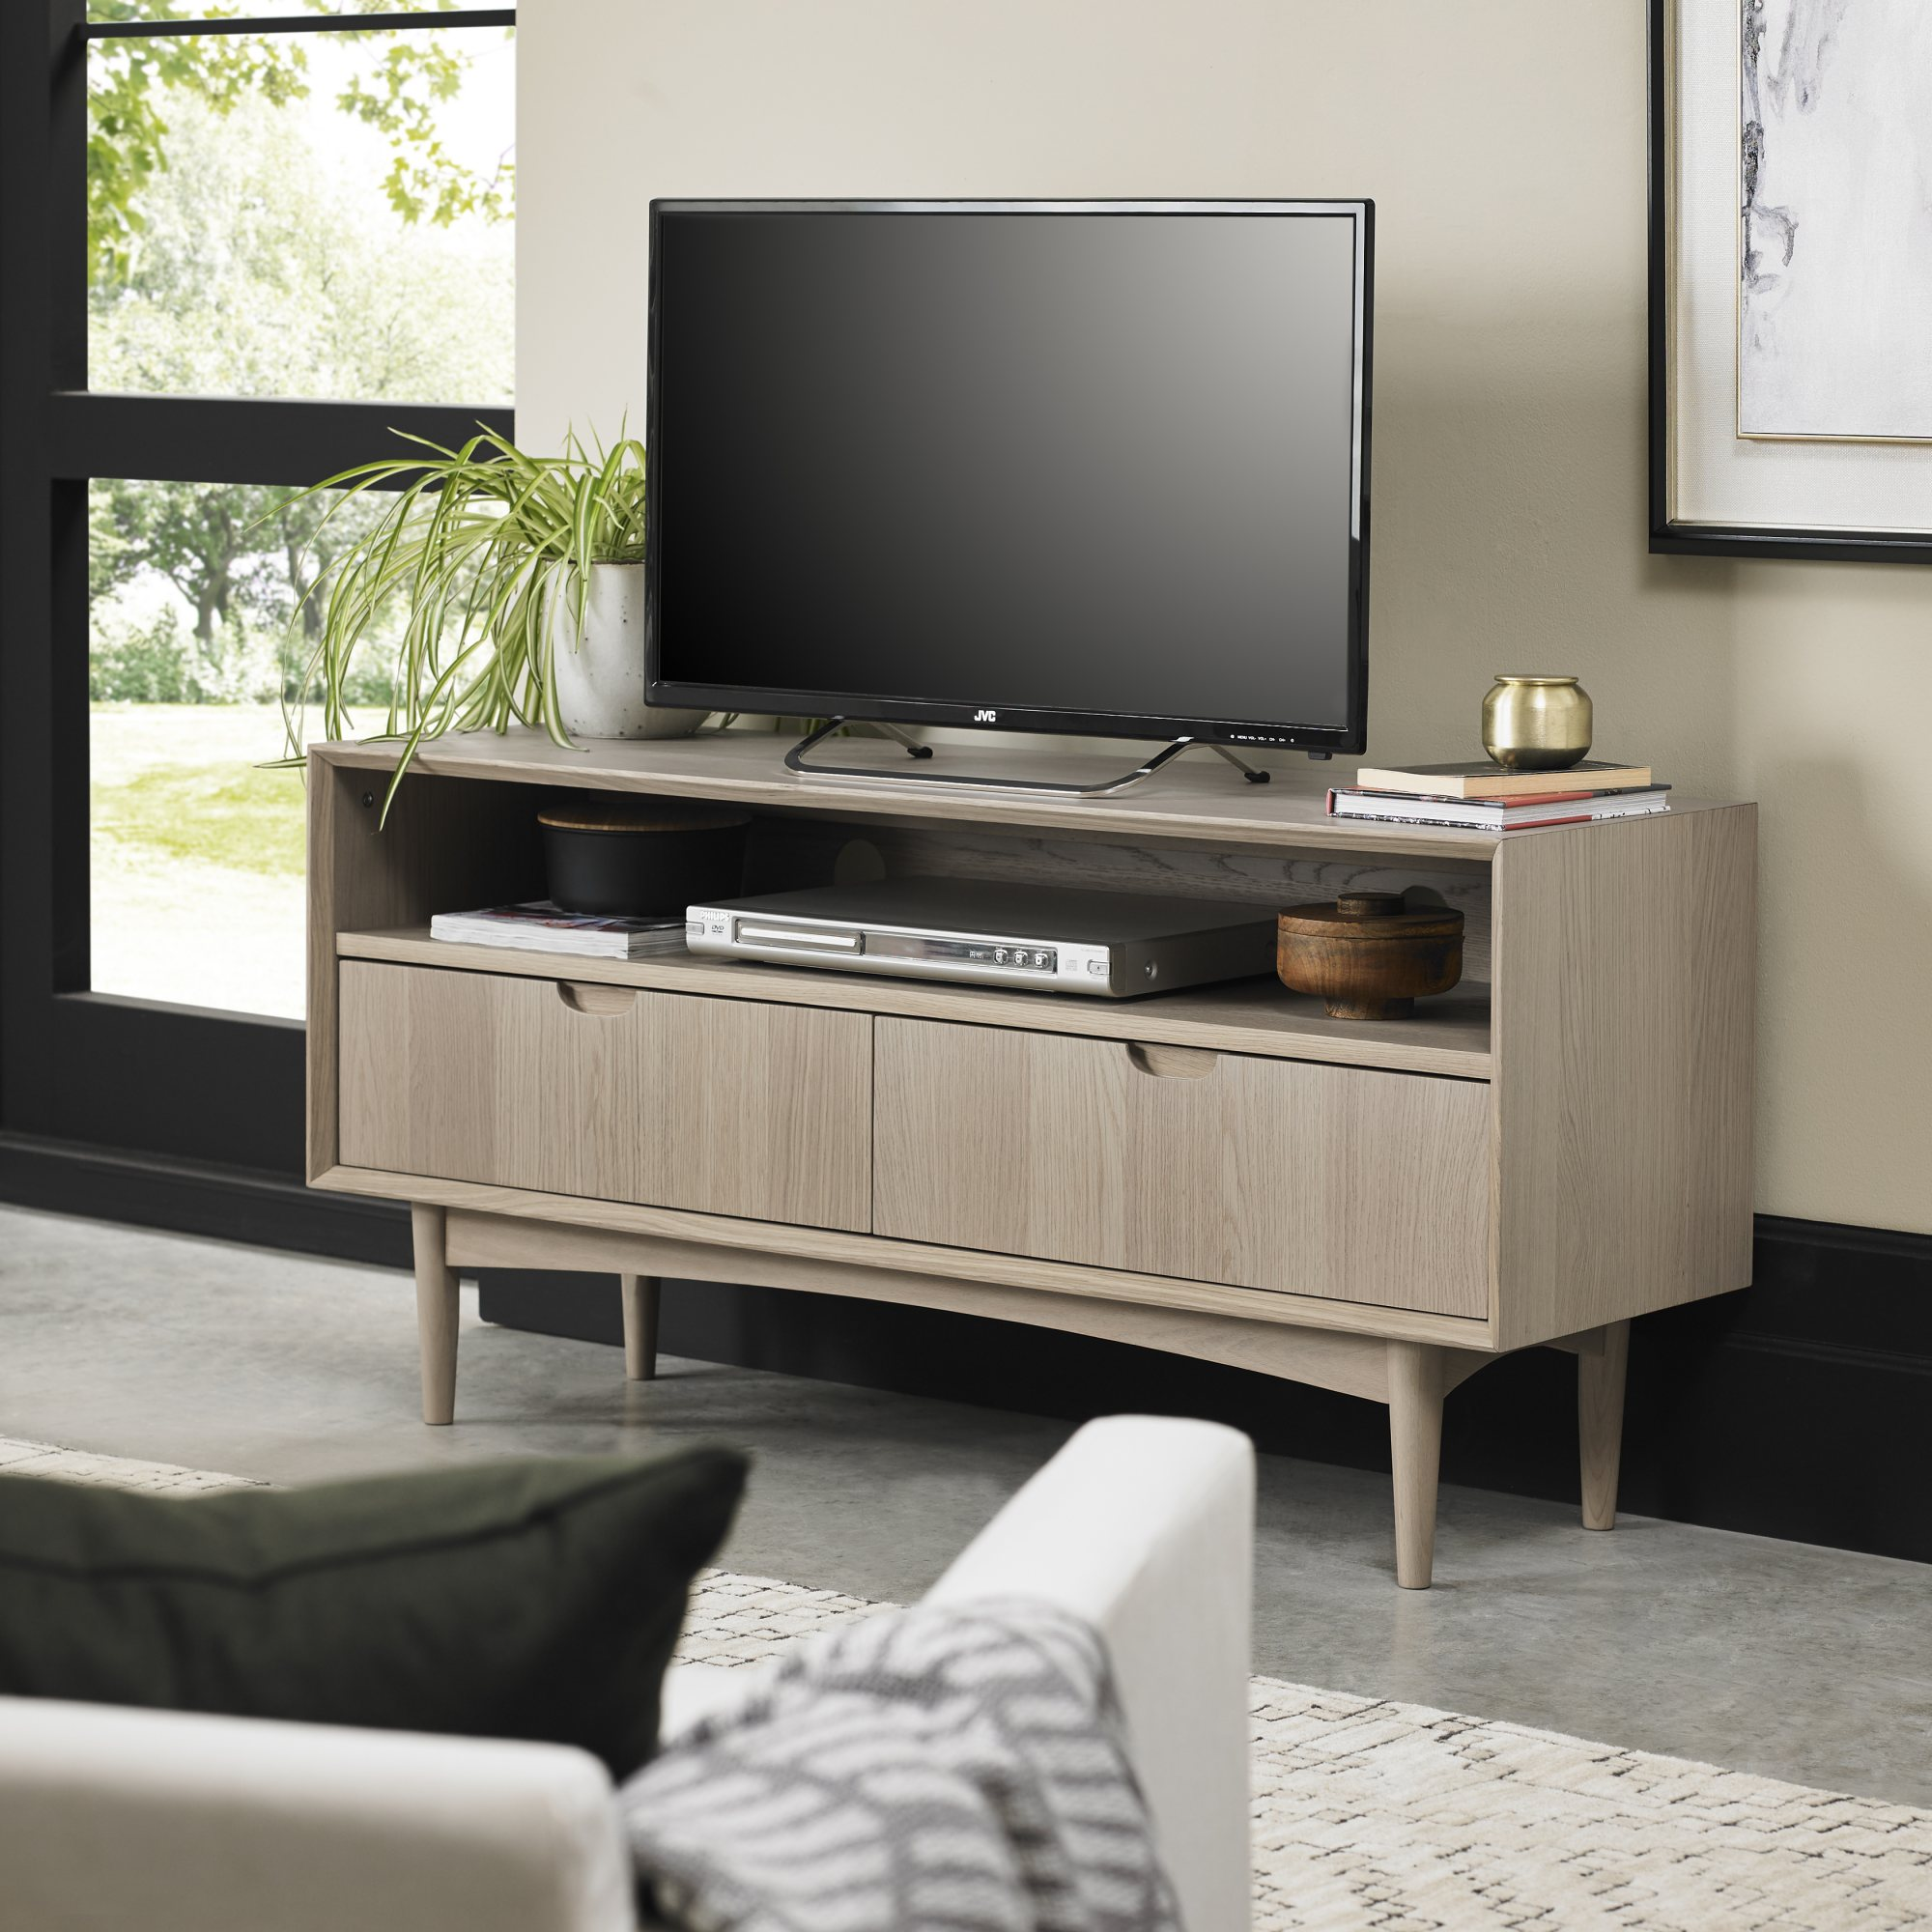 RETRO OAK TV UNIT   L122cm x D37cm x H59cm